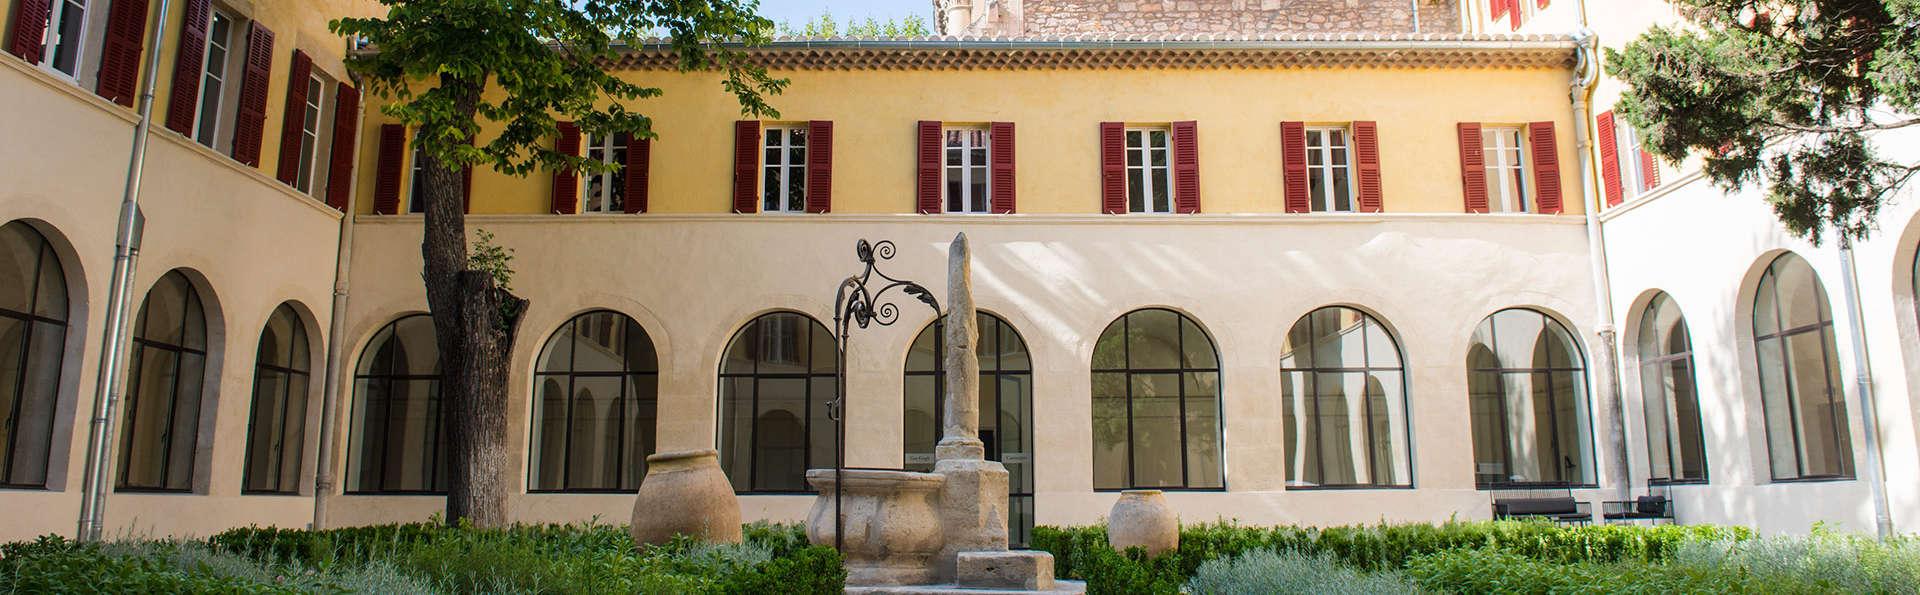 Week-end bien-être avec soins dans un hôtel design au coeur d'Arles